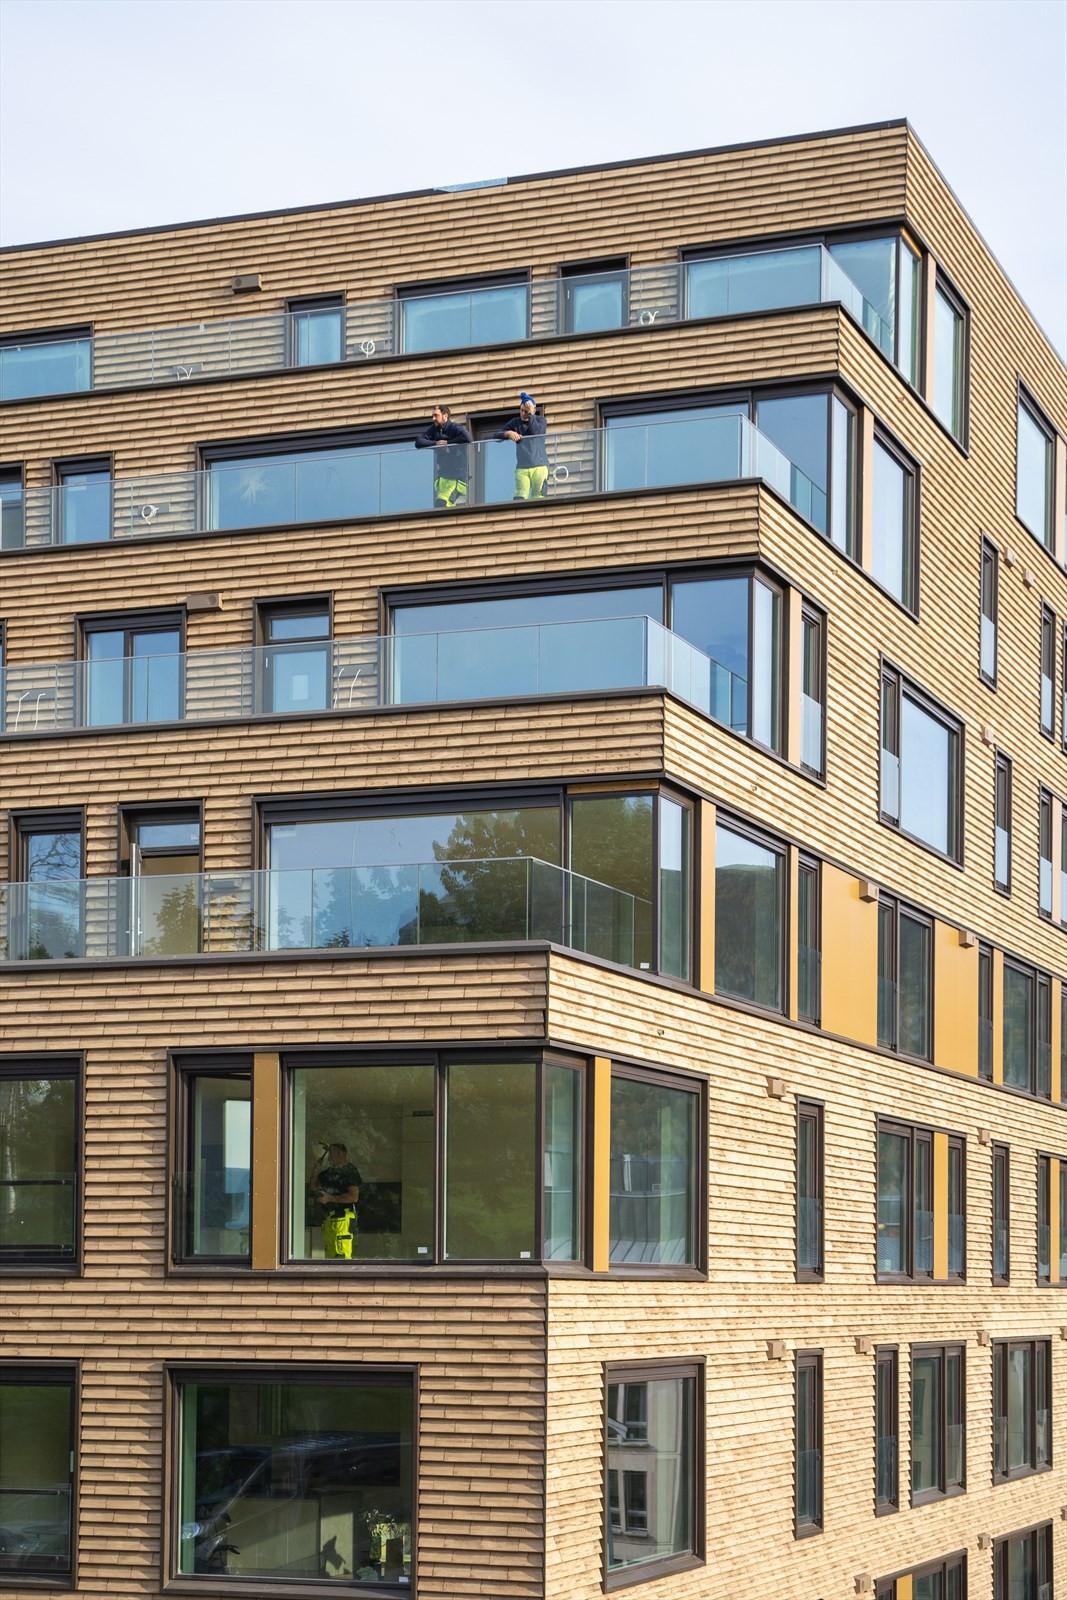 Detalj bilder av fasaden på det sørvestlige hjørnet av bygget